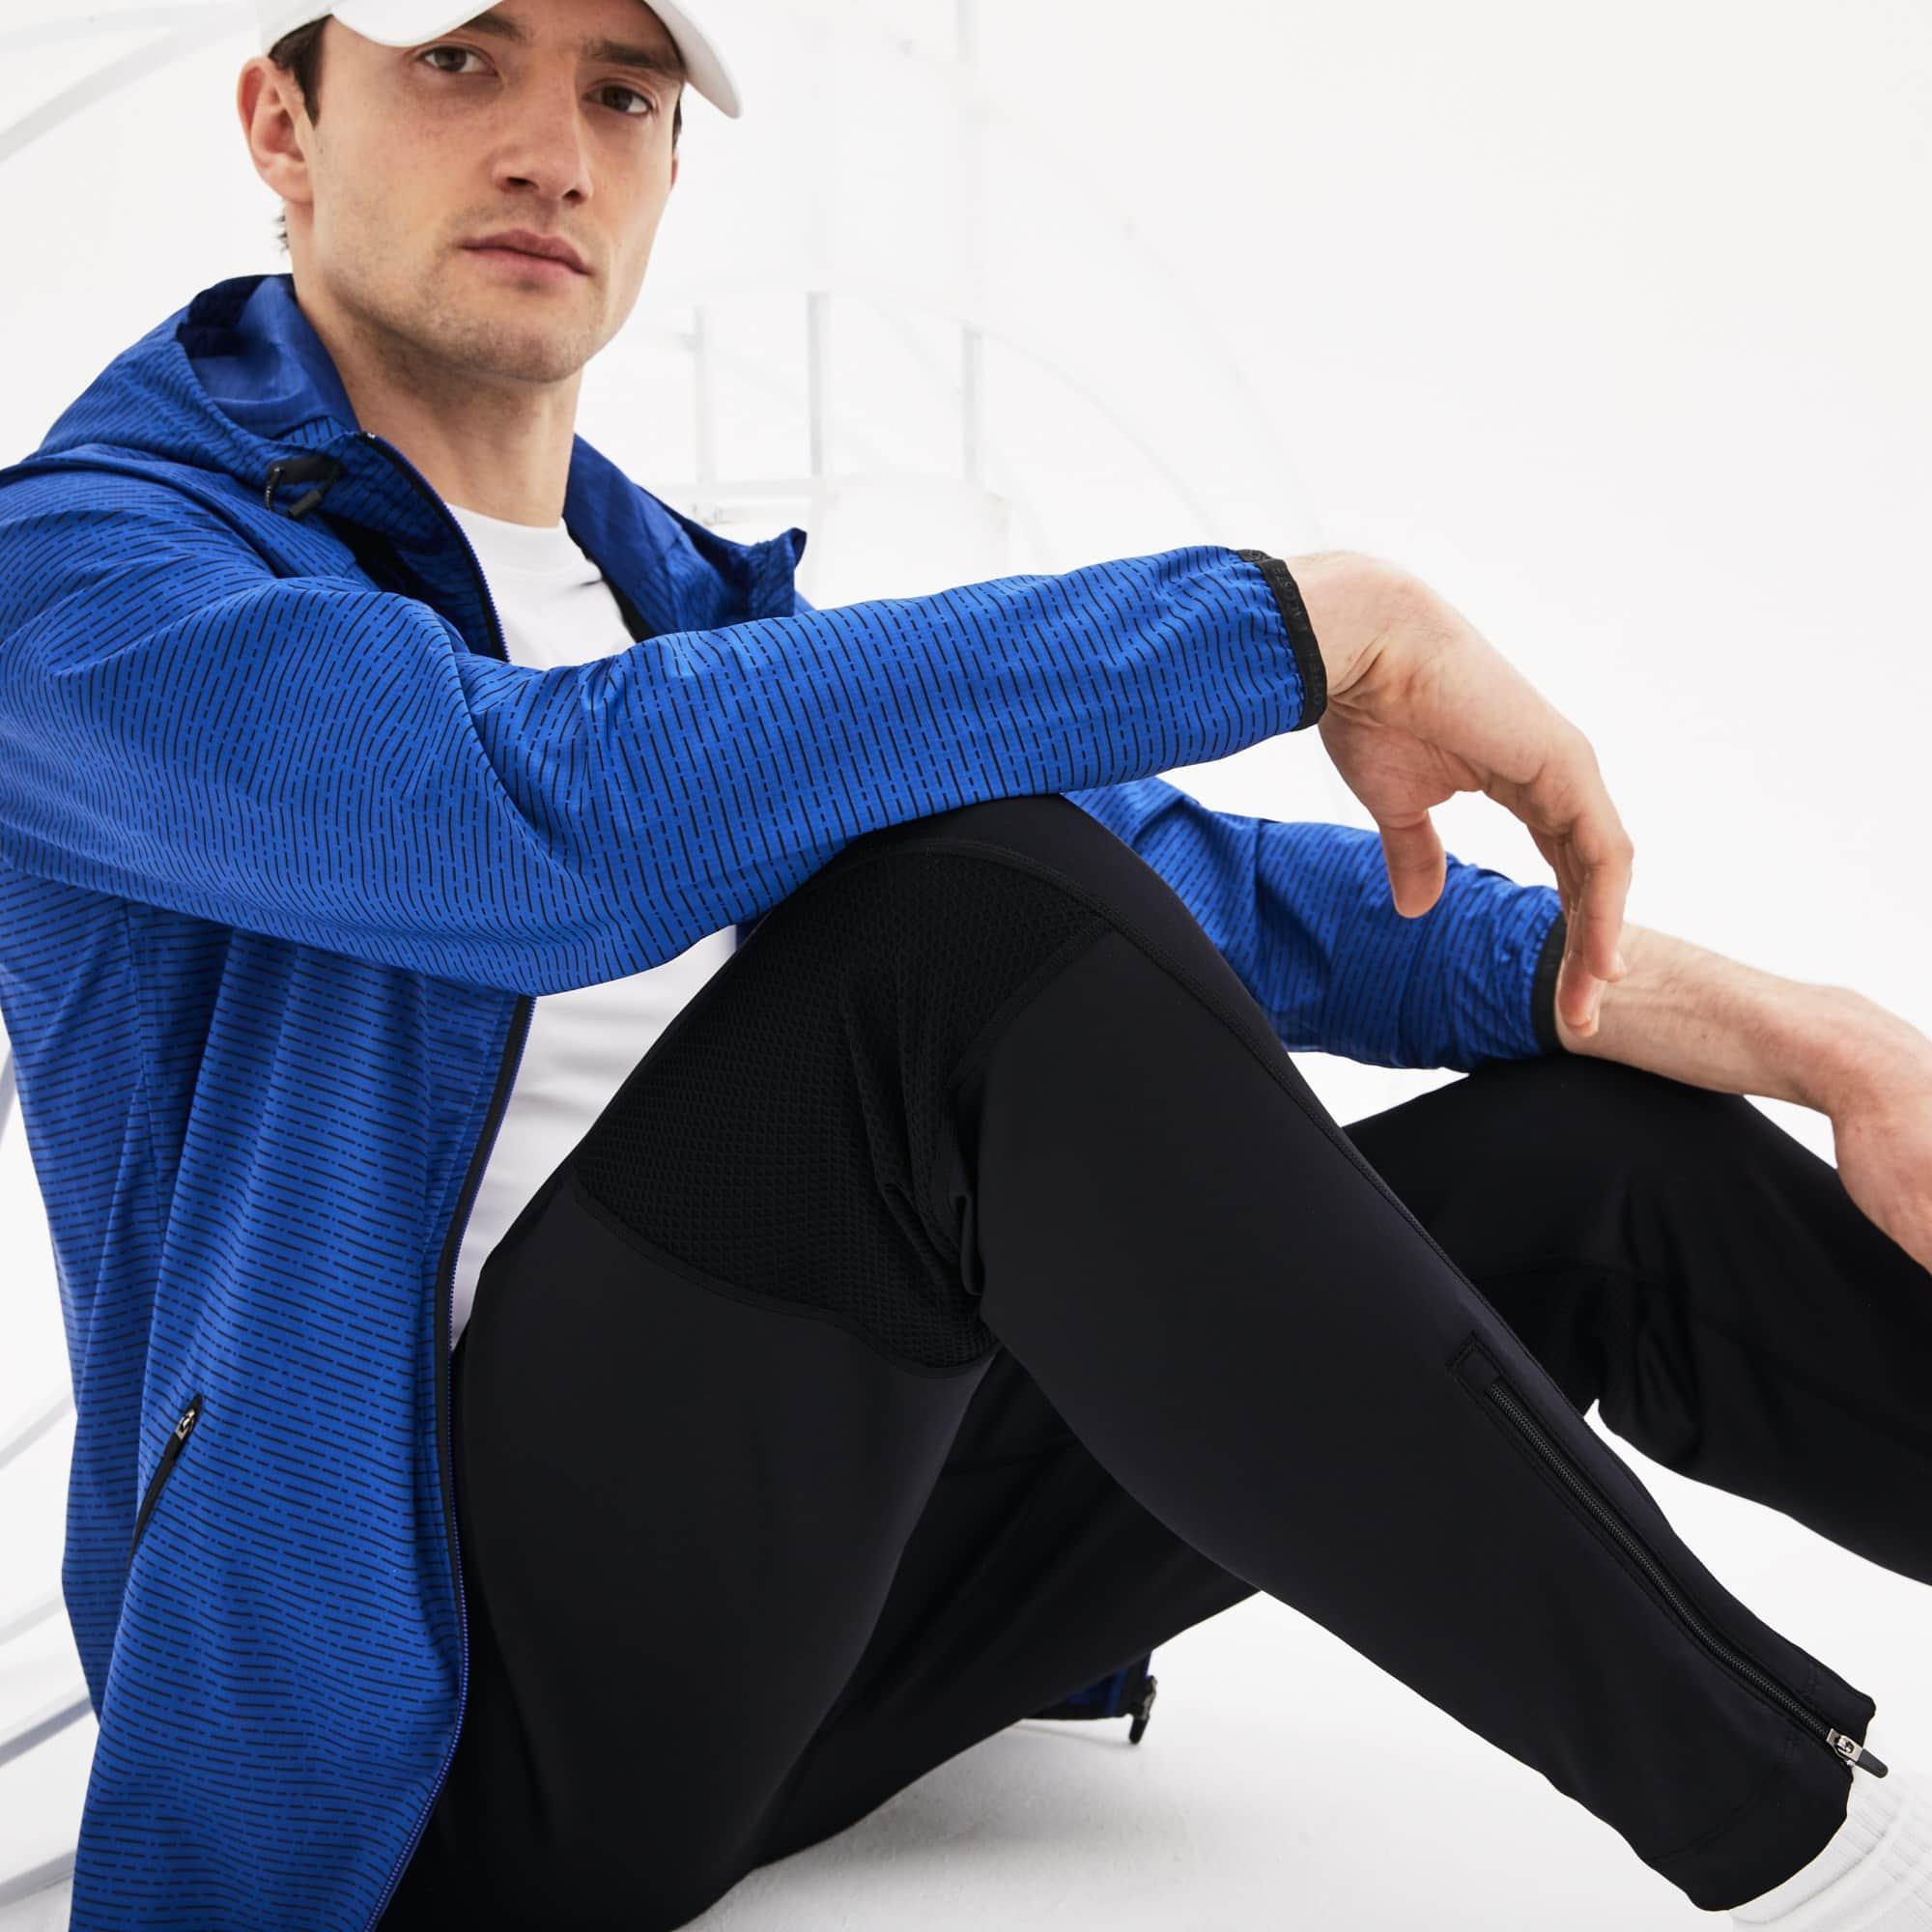 Pantalon de survêtement Tennis Lacoste SPORT en jersey technique ultra dry